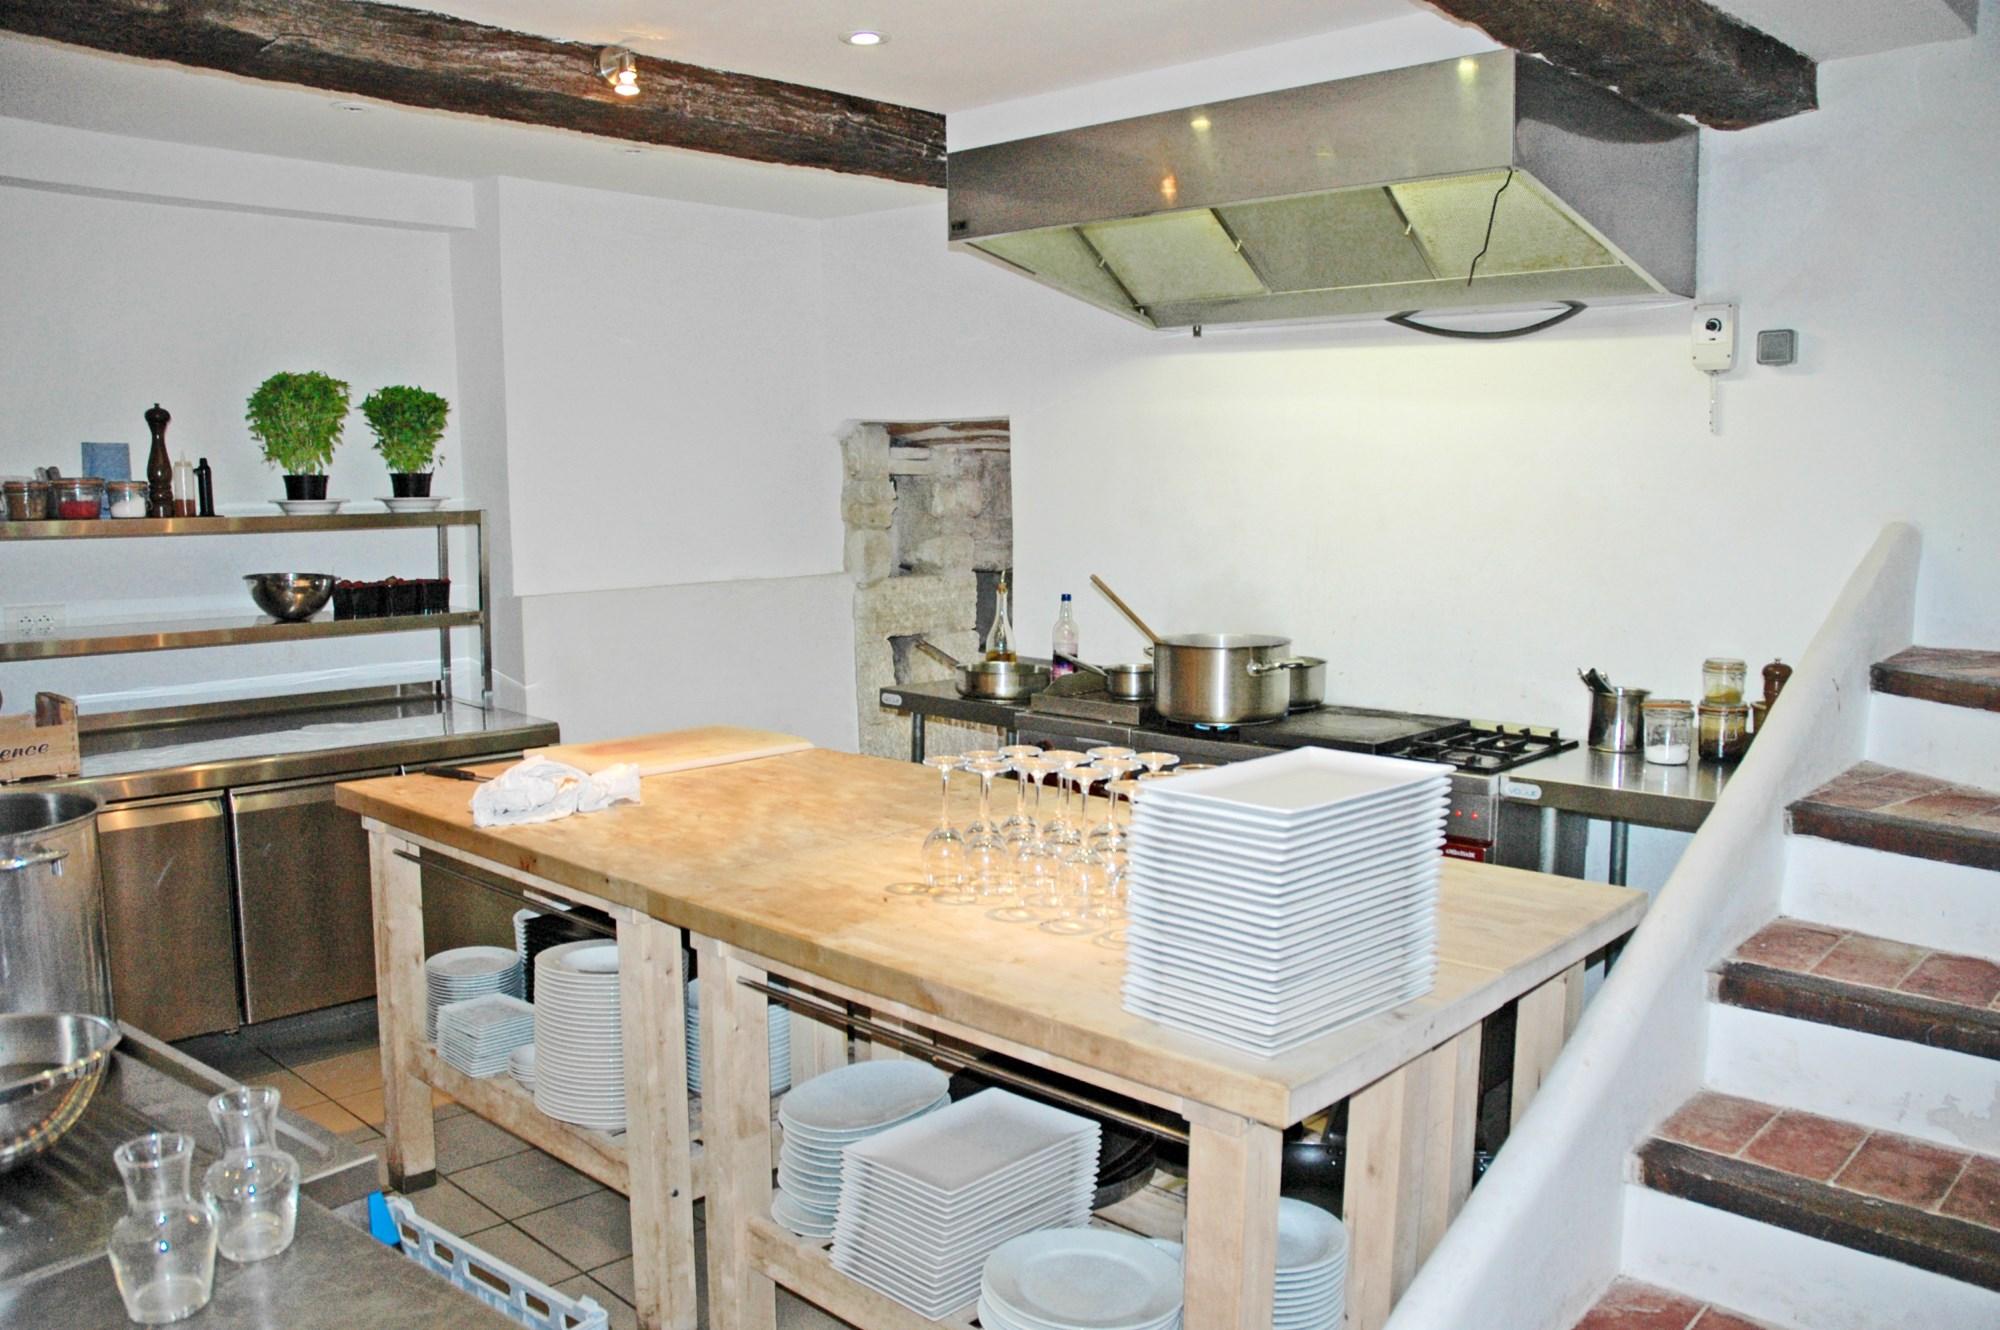 ventes a vendre en luberon jolie maison de village avec balcon r nov e agence rosier. Black Bedroom Furniture Sets. Home Design Ideas